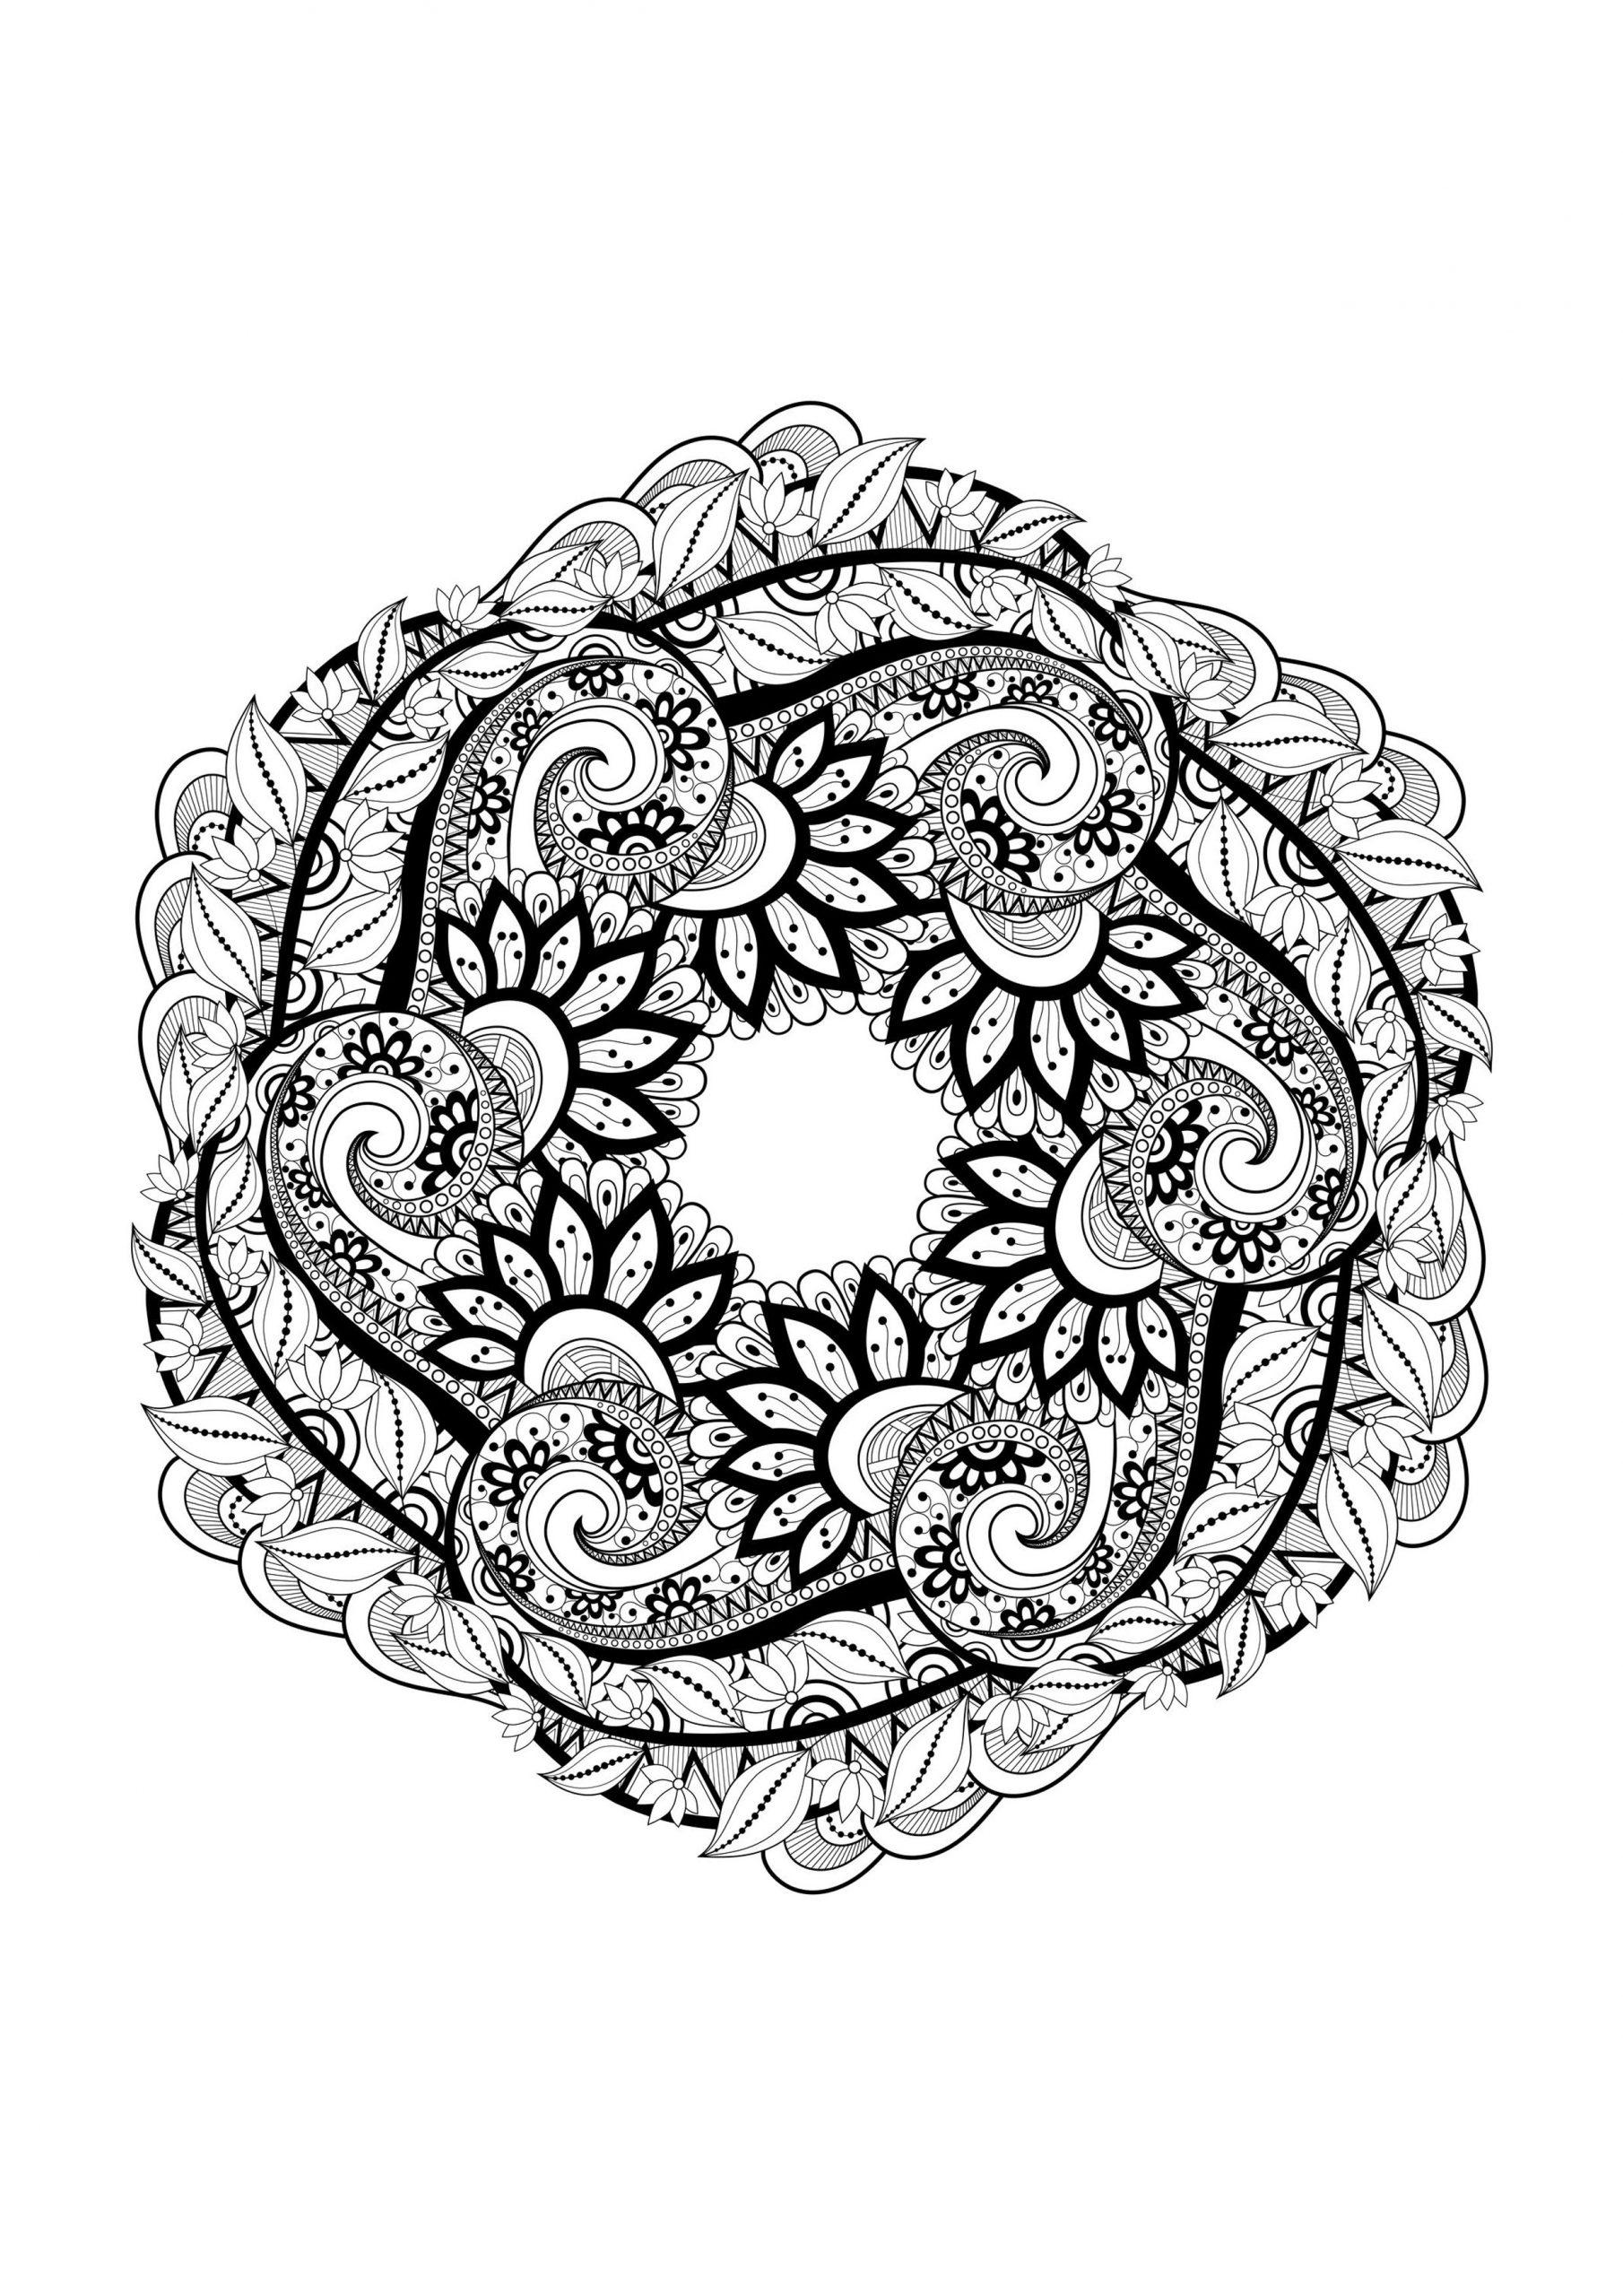 Mandala Magnifique - Coloriage Mandalas - Coloriages Pour encequiconcerne Coloriage De Mandala Difficile A Imprimer